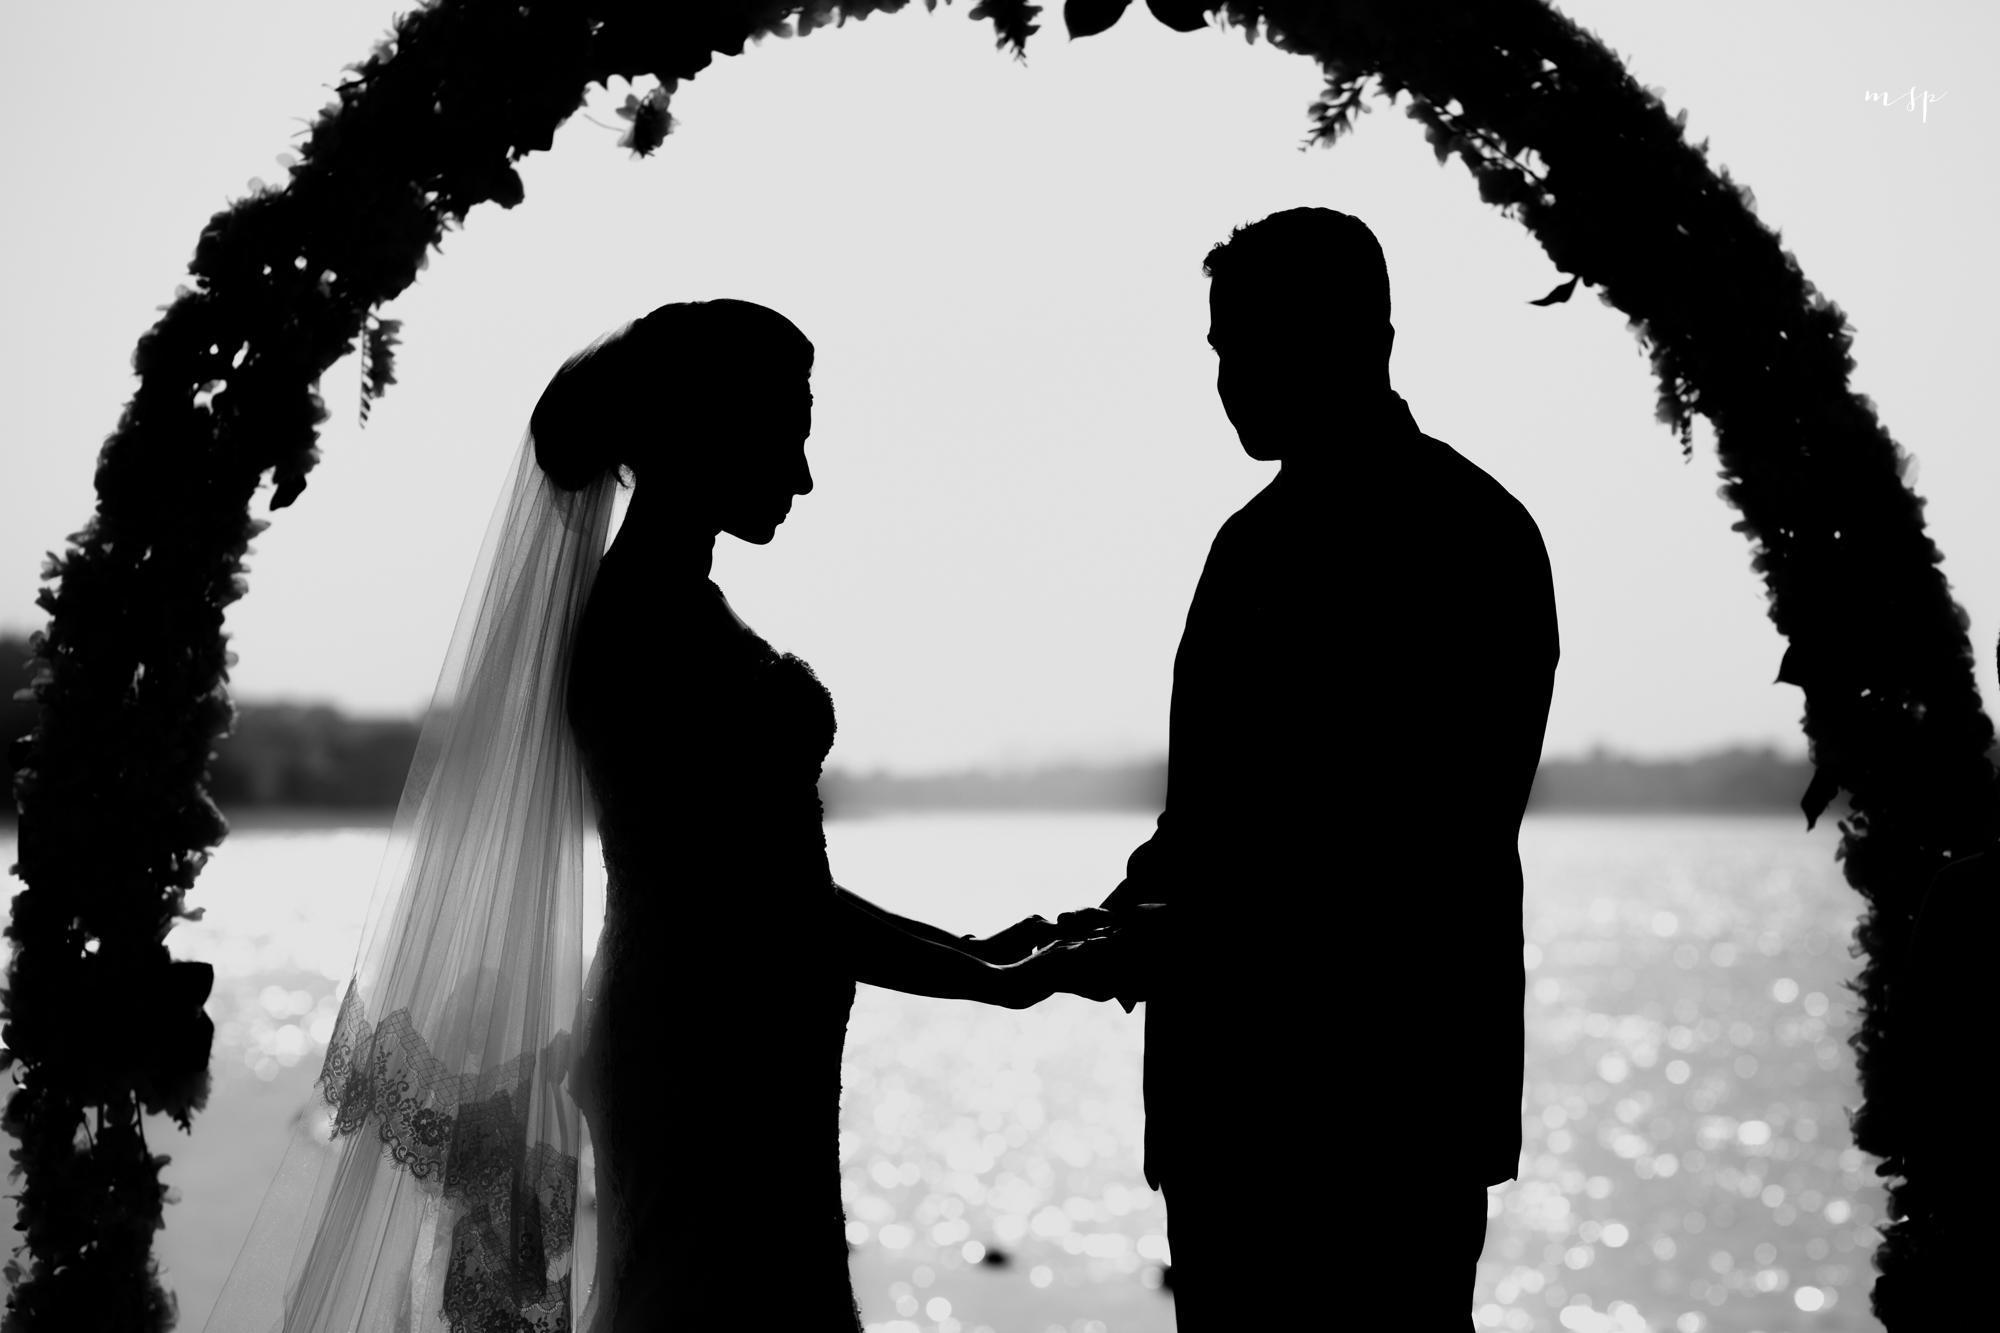 شیوه احترام به مهمانان توسط عروس و داماد